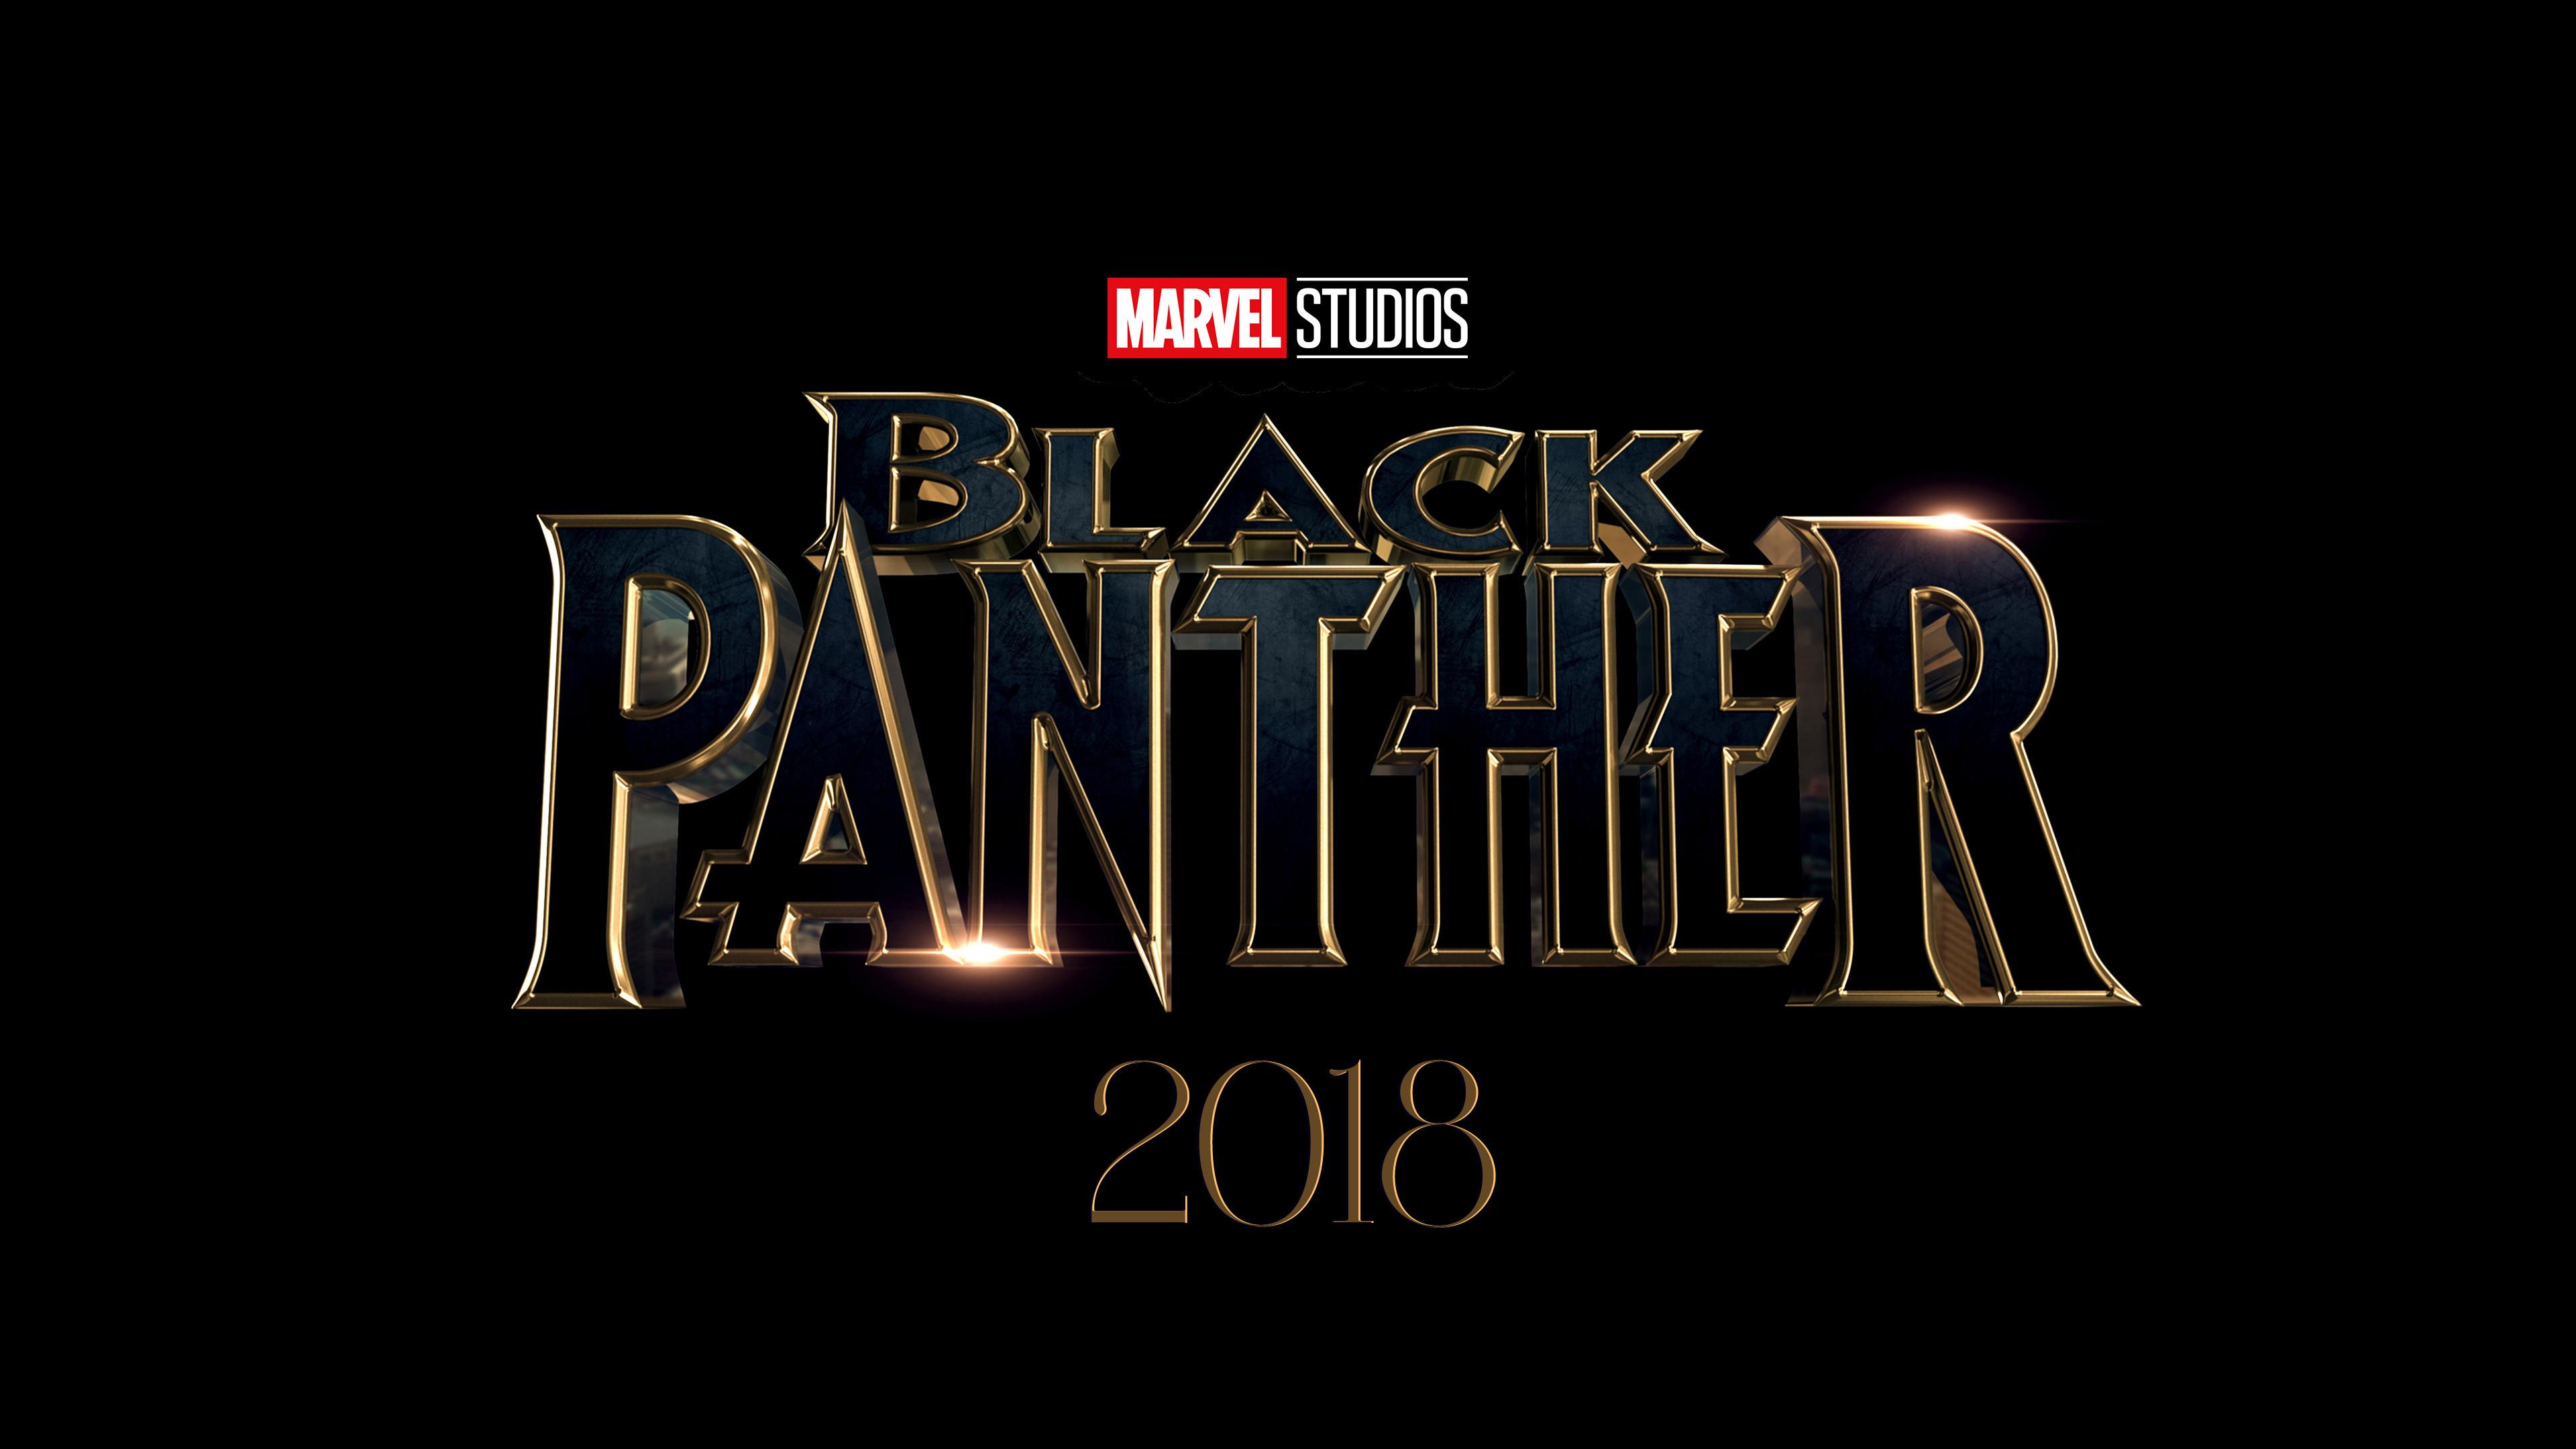 Black Panther, Marvel Studios, 2018, 4K, Logo